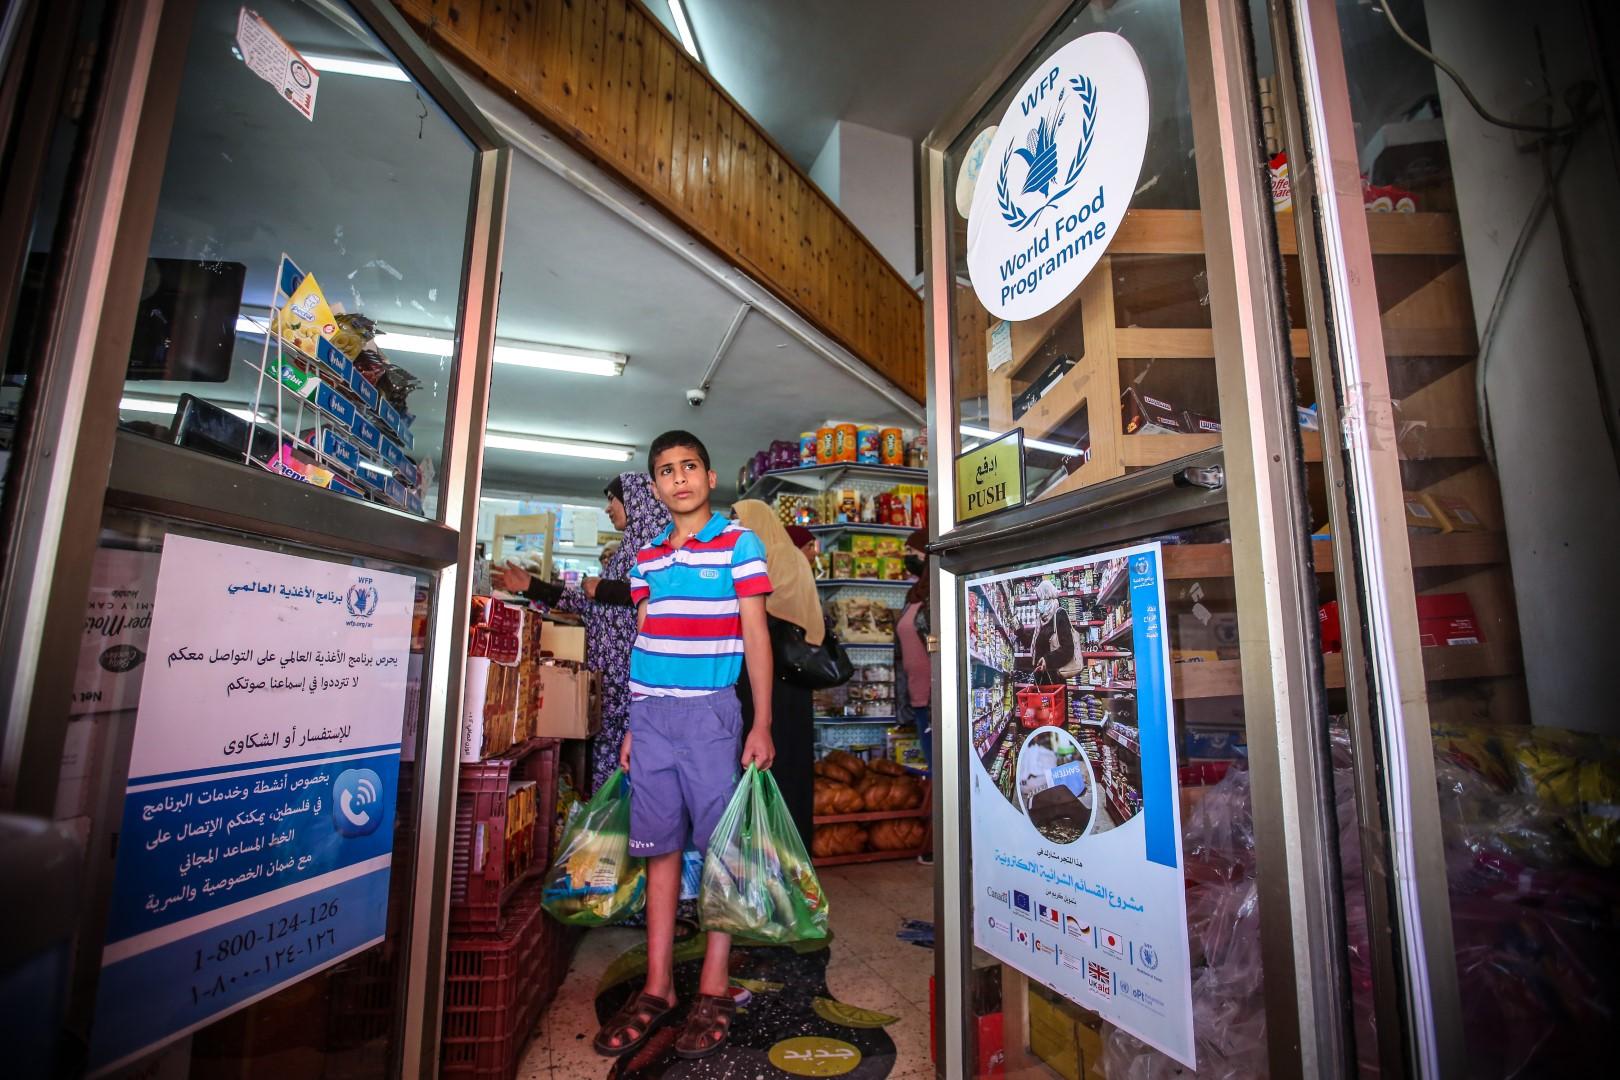 """""""حملة 100 مليون وجبة"""" الرمضانية تقدم 19 مليون وجبة إضافية في غزة بالتعاون مع برنامج الأغذية العالمي"""